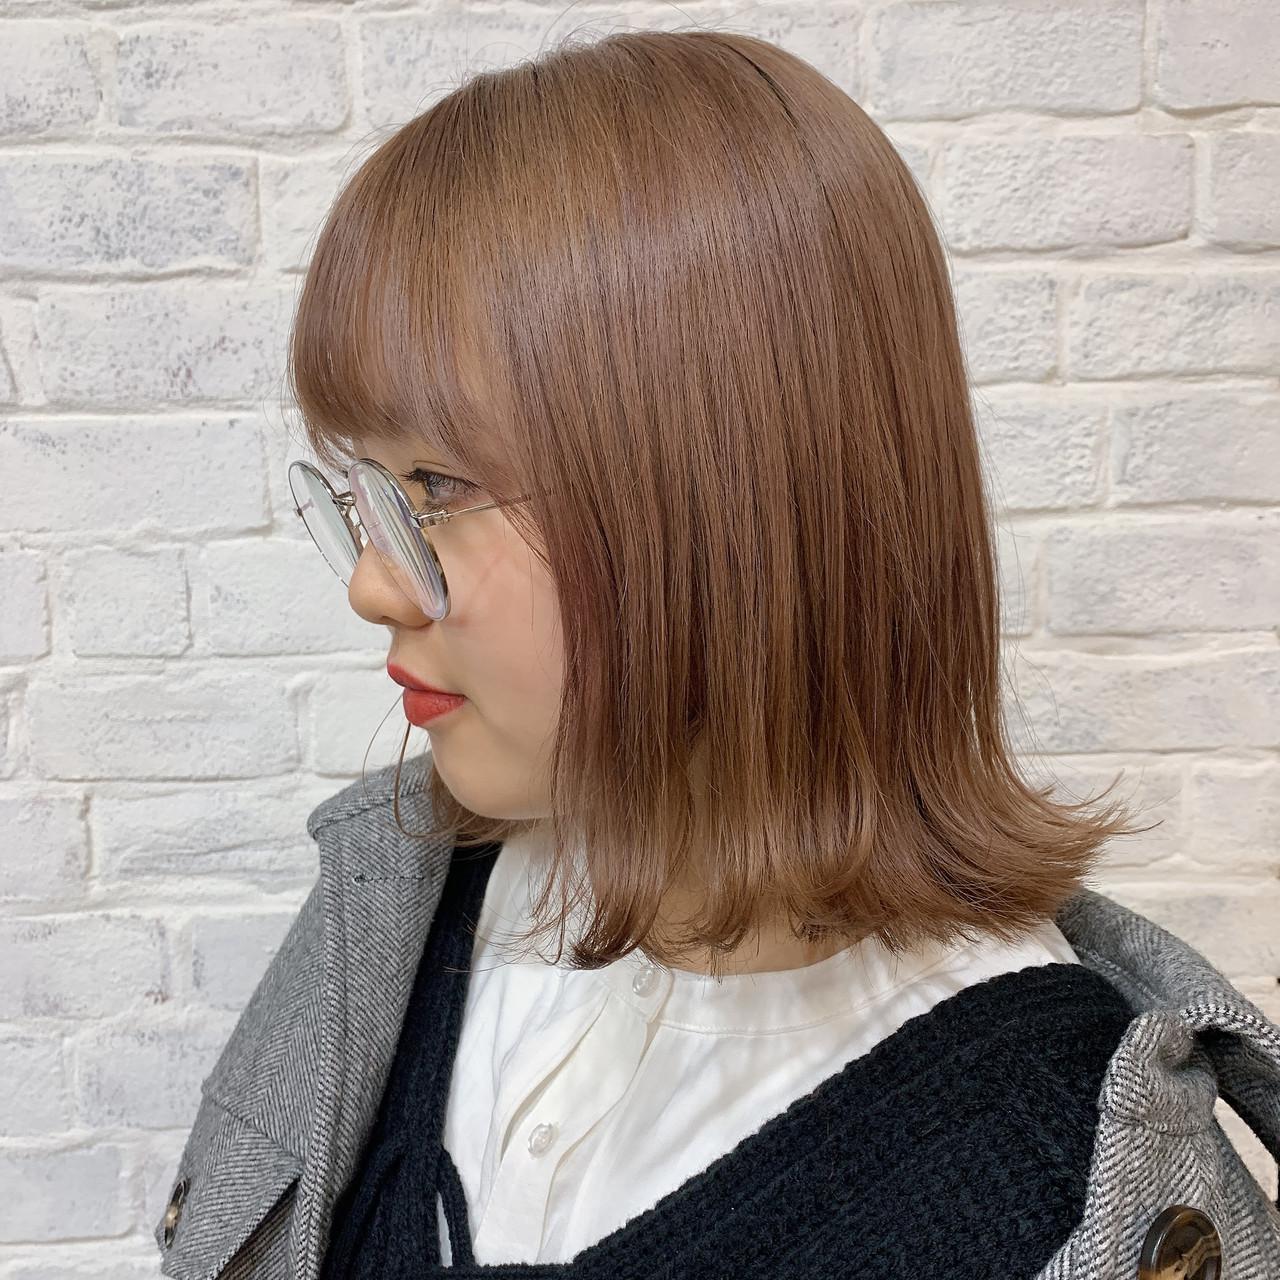 ナチュラル ミルクティーベージュ ミルクティーアッシュ ダブルカラー ヘアスタイルや髪型の写真・画像   山本 由君美 GARDENomotesando / GARDENomotesando